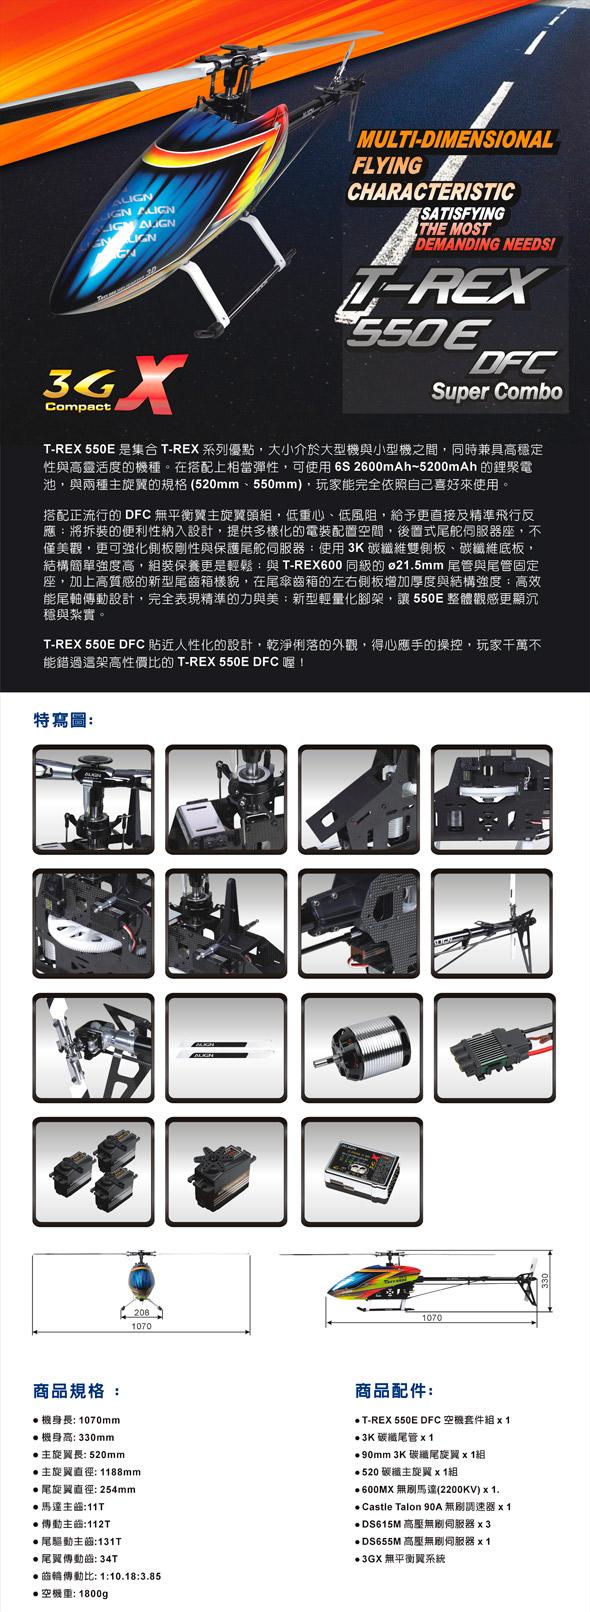 201210-550E20DFC_ch.jpg